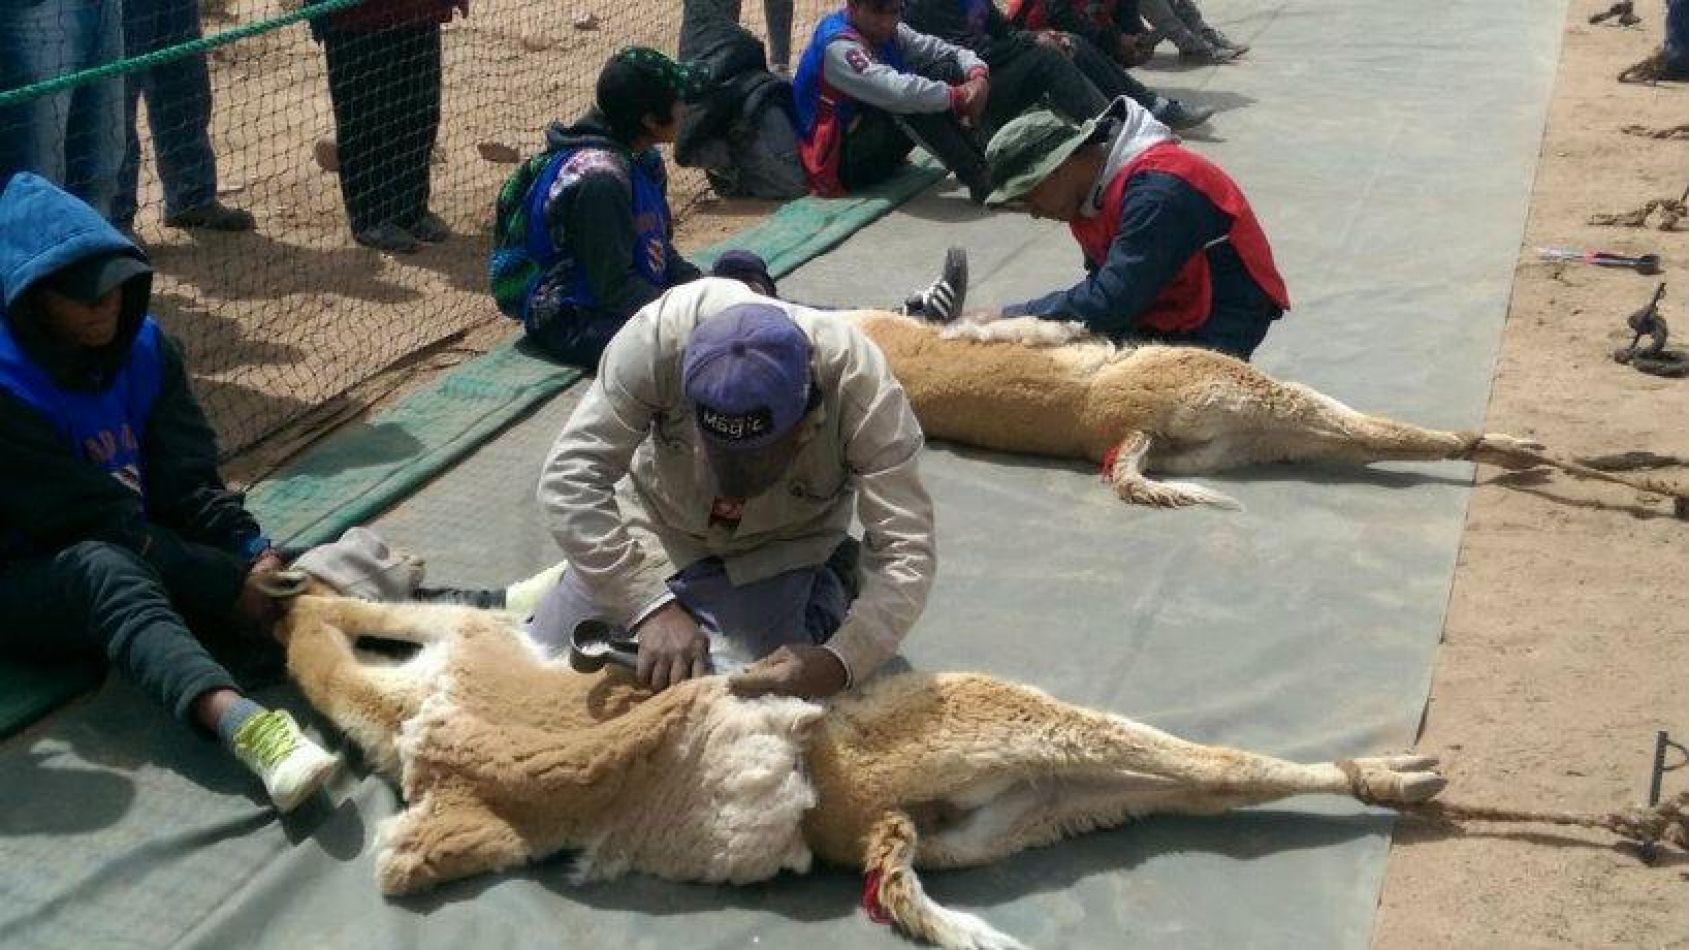 Advierten que privados podrían hacer negocios con vicuñas violando convenios internacionales